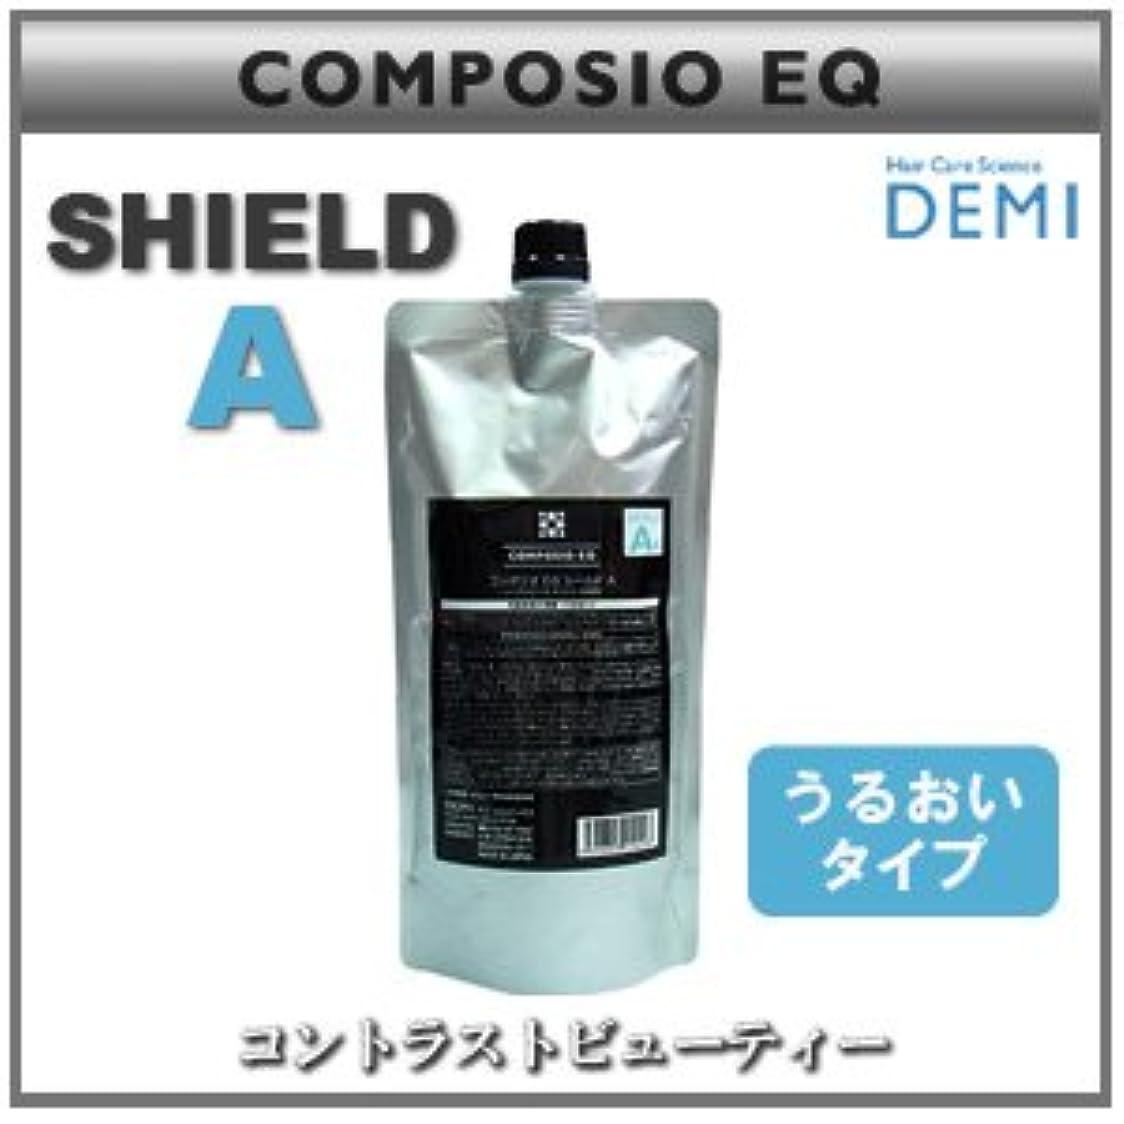 ジャンク要求する闇【x3個セット】 デミ コンポジオ EQ シールド A 450g